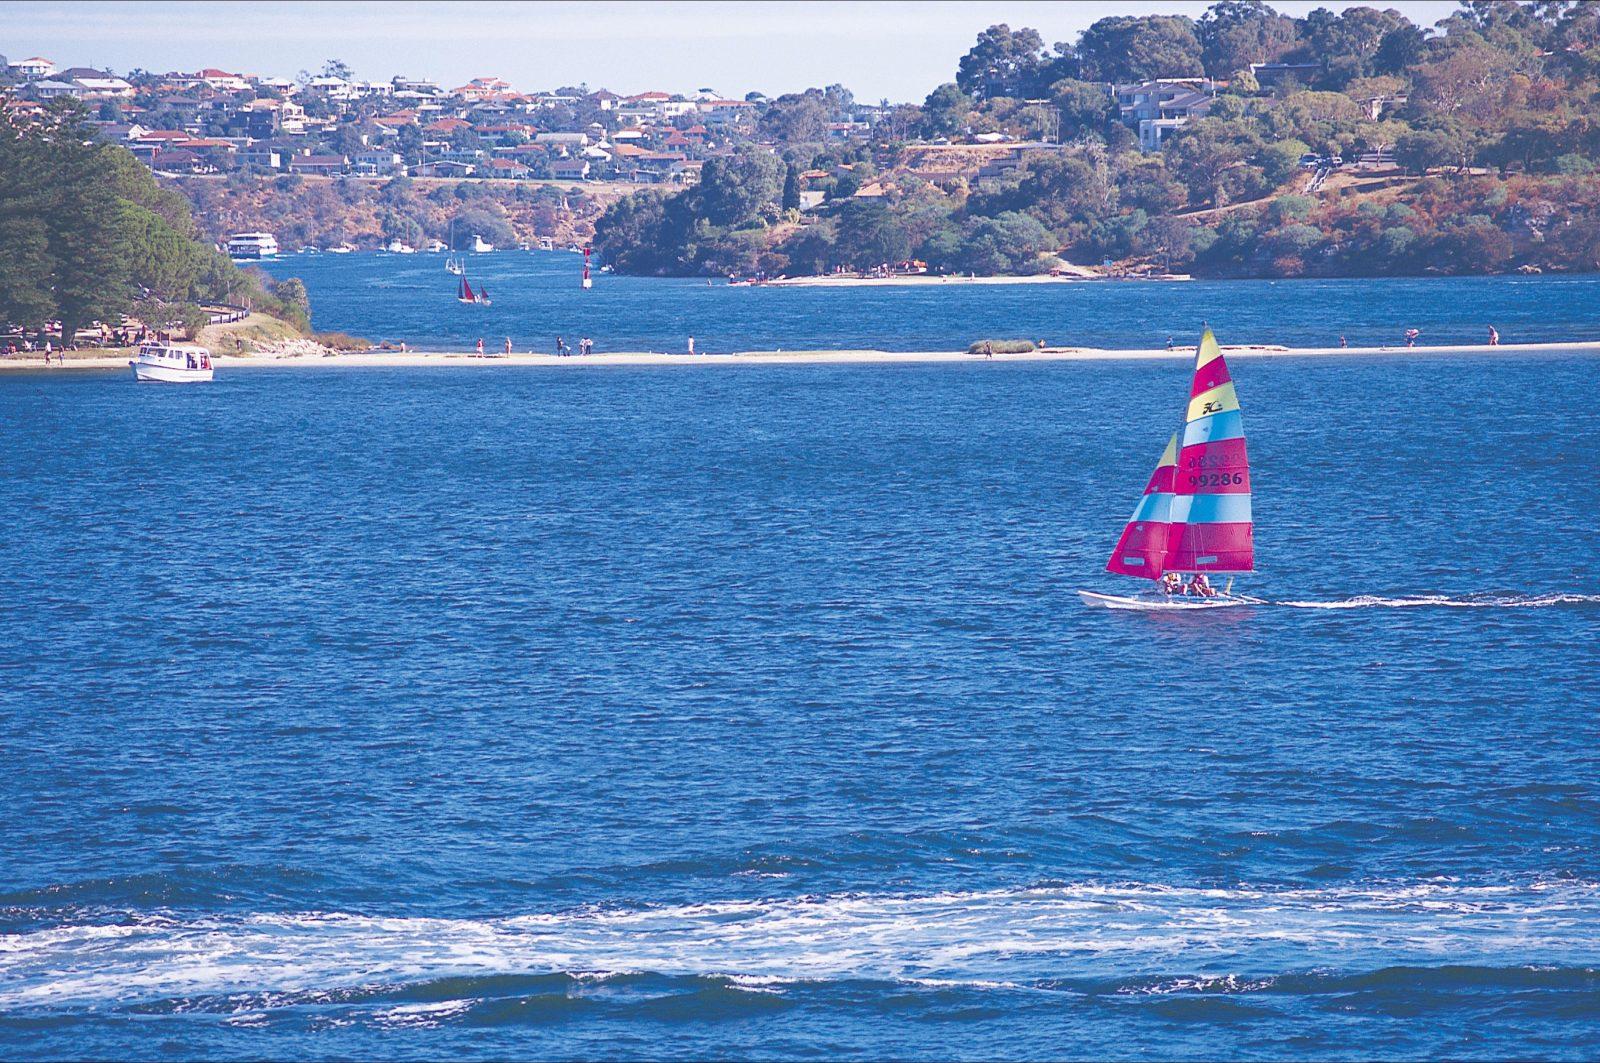 Point Walter, Bicton, Western Australia